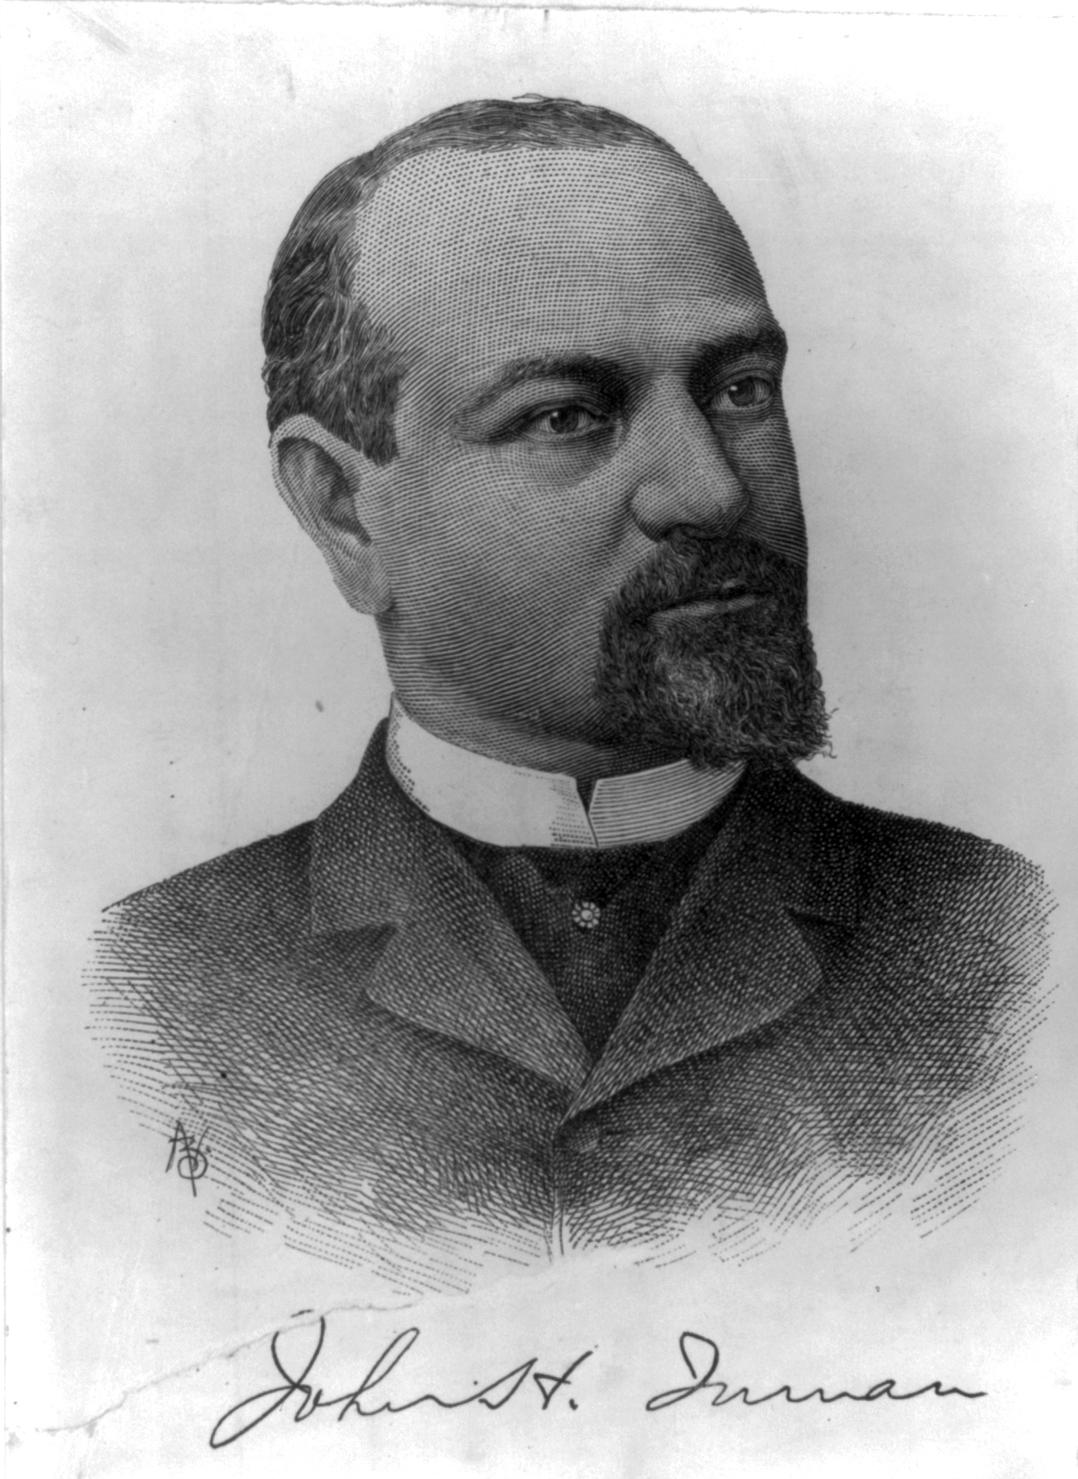 john h. inman - wikipedia